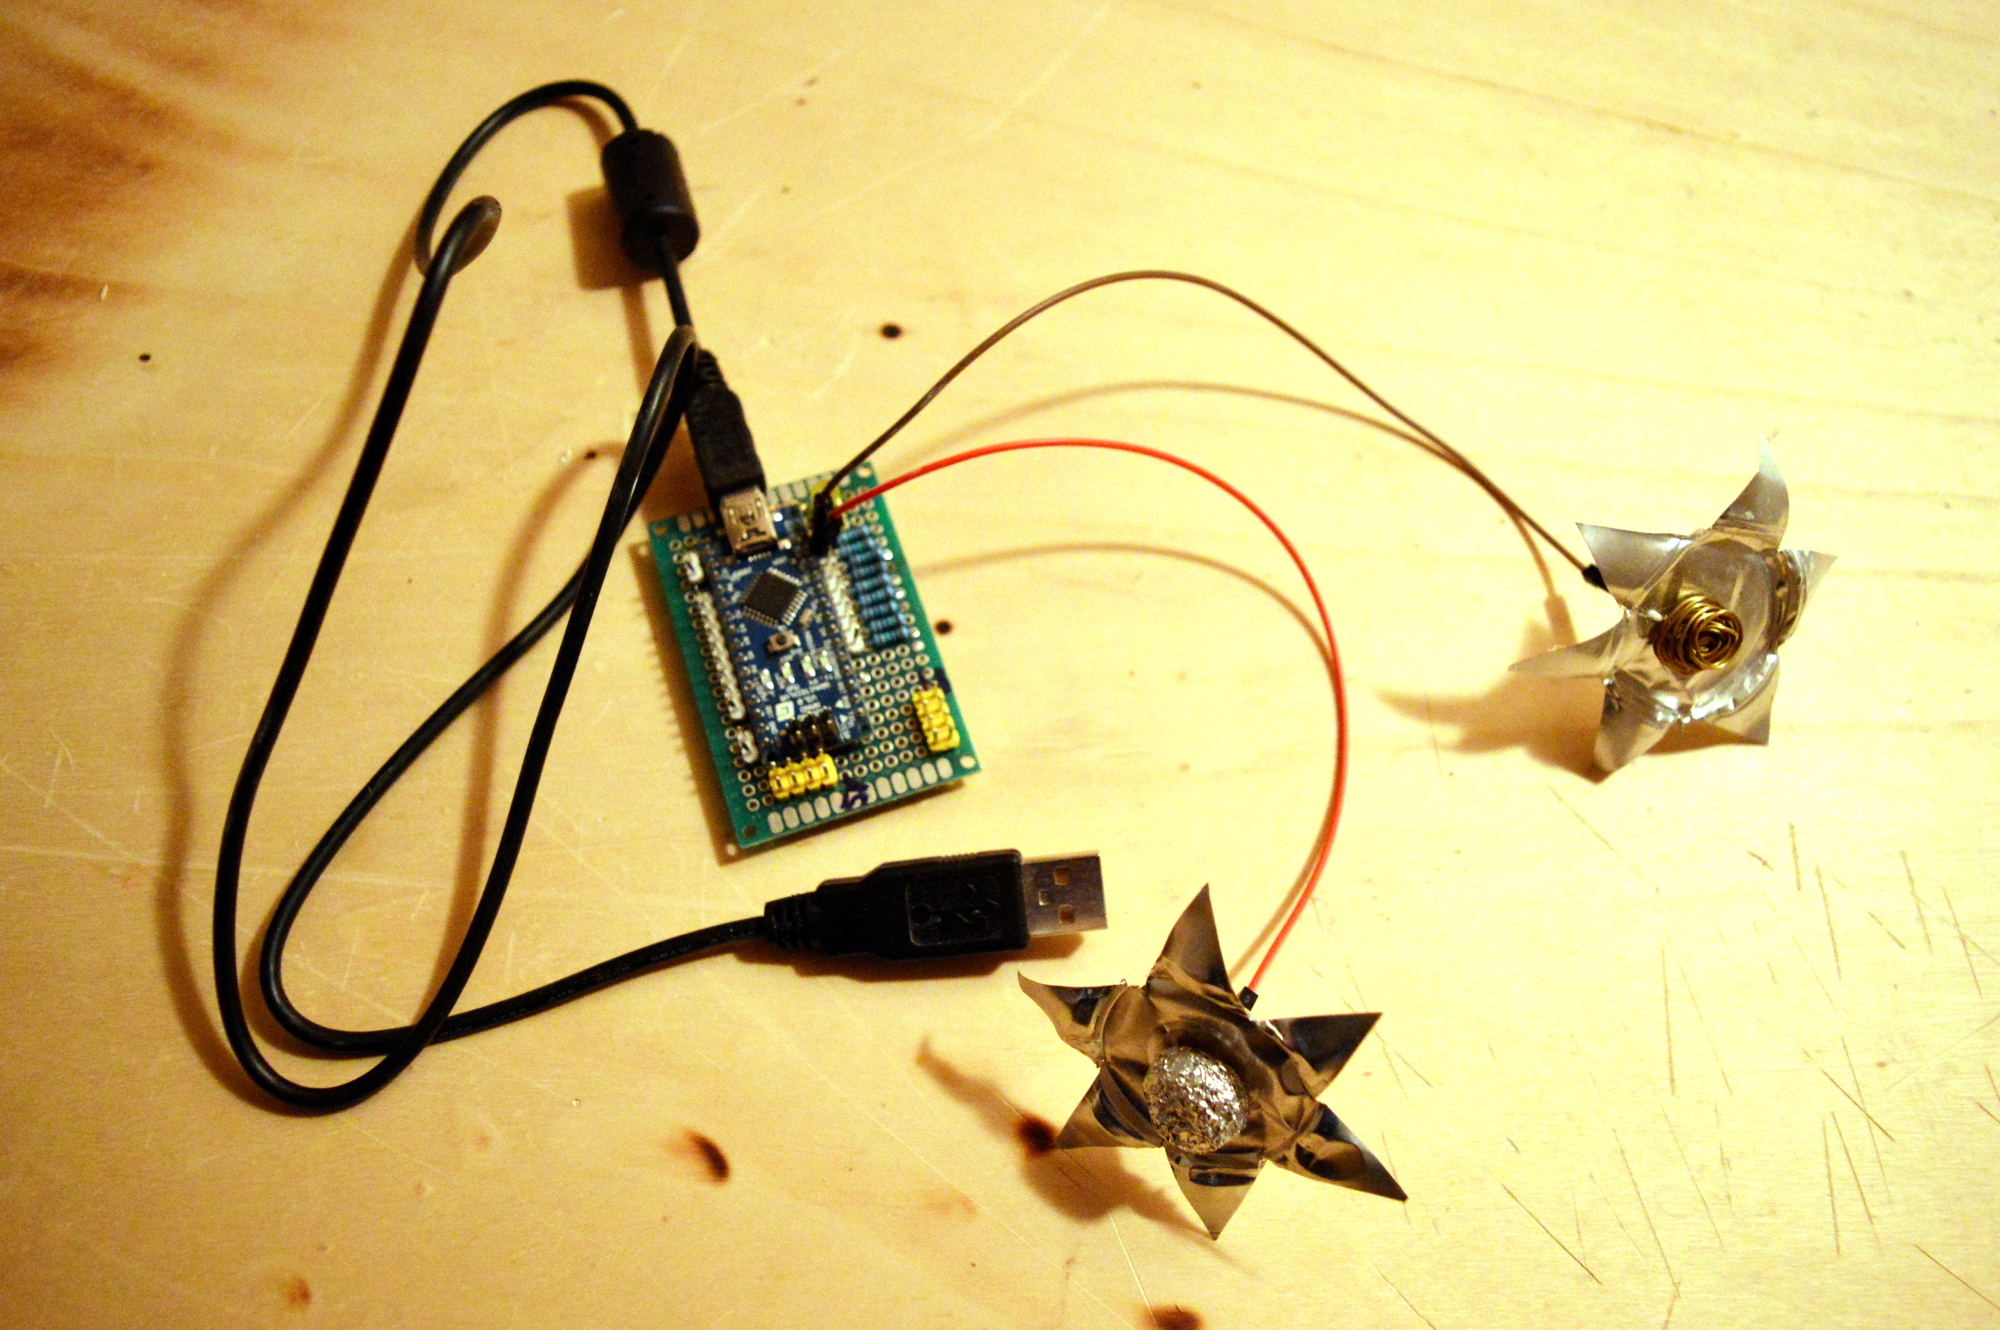 Gestire nove sensori capacitivi con CapBoard